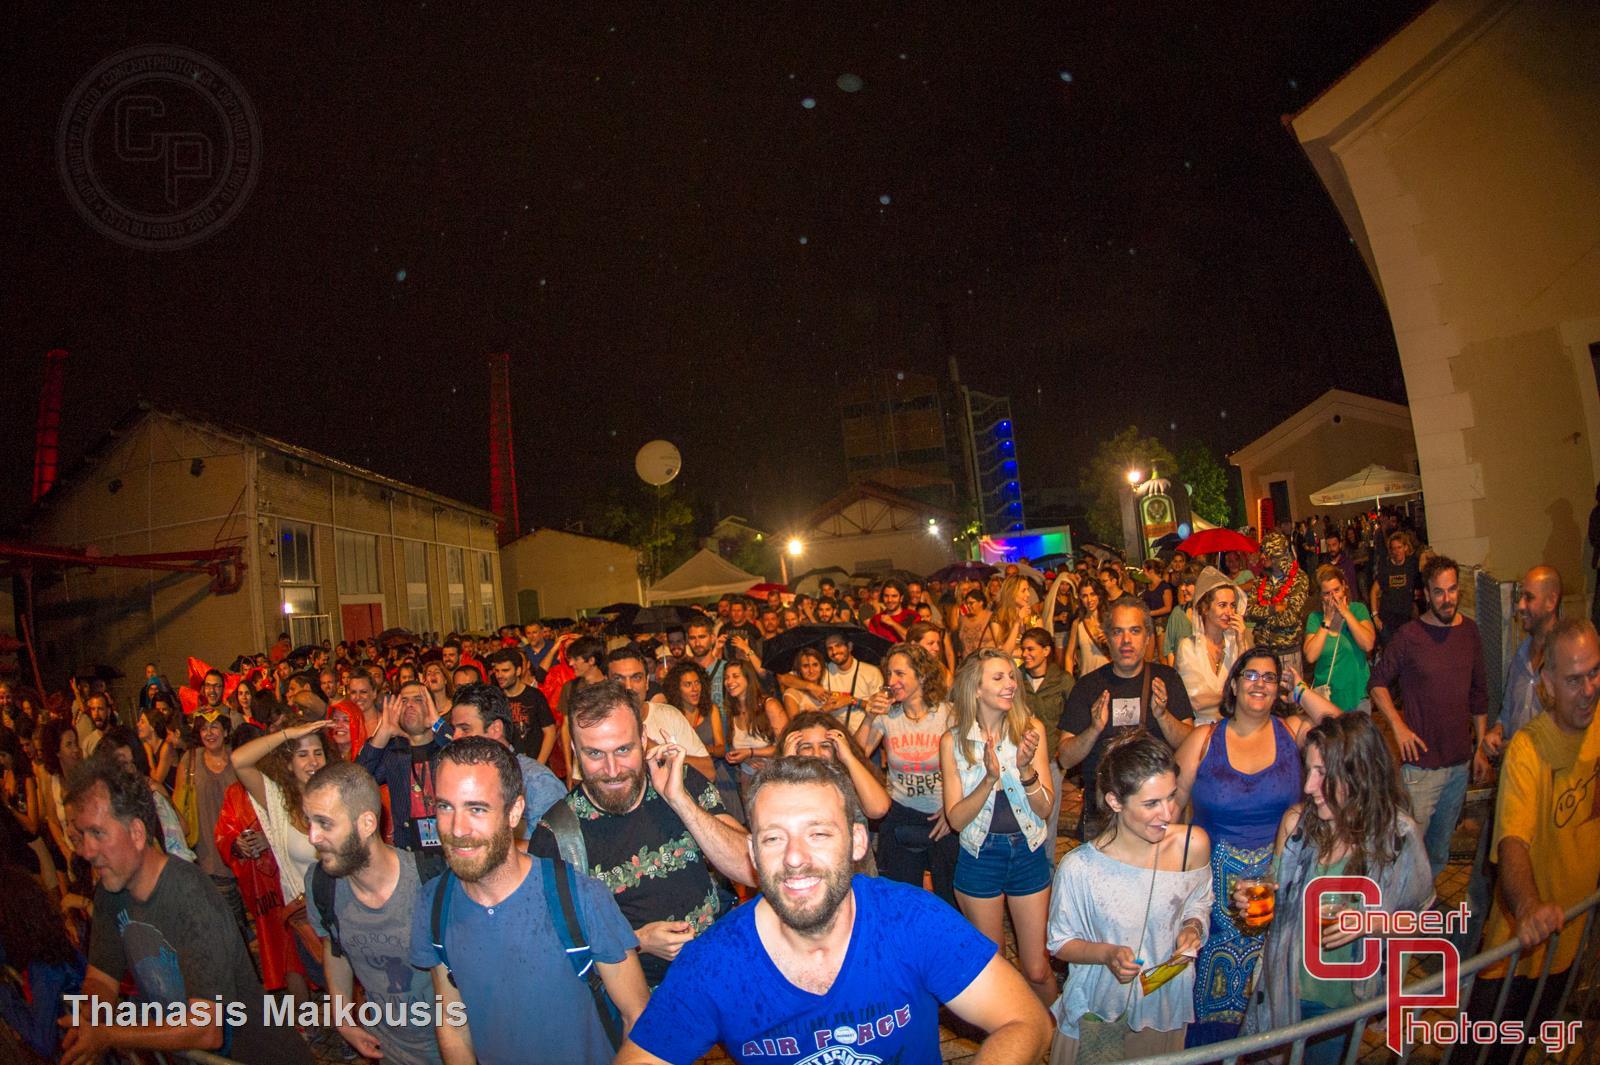 En Lefko 2014-En Lefko 2014 photographer: Thanasis Maikousis - concertphotos_20140620_22_16_11